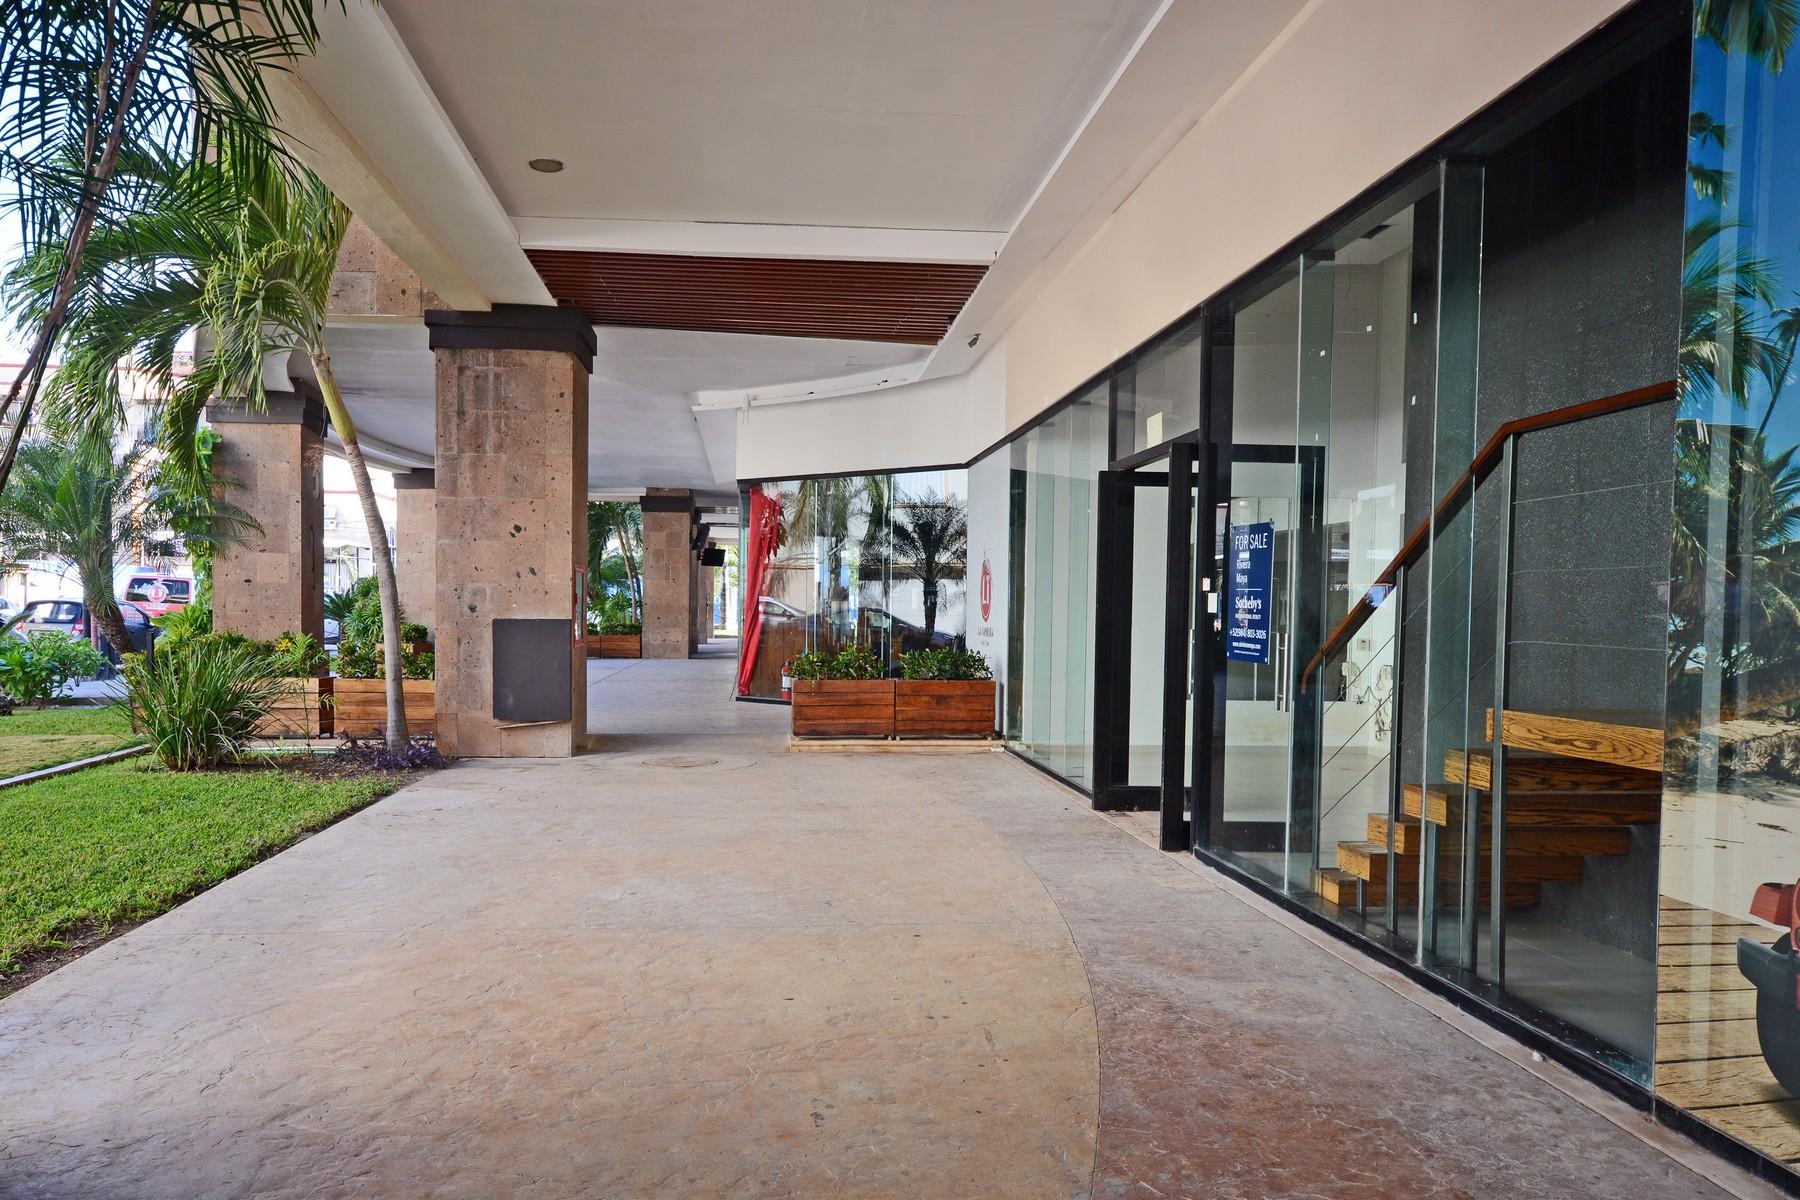 for Sale at ALDEA THAI 23 COMMERCIAL SPACE Aldea Thai #23 Avenida Cozumel entre las Calles 26 y 28 Norte Playa Del Carmen, Quintana Roo 77710 Mexico